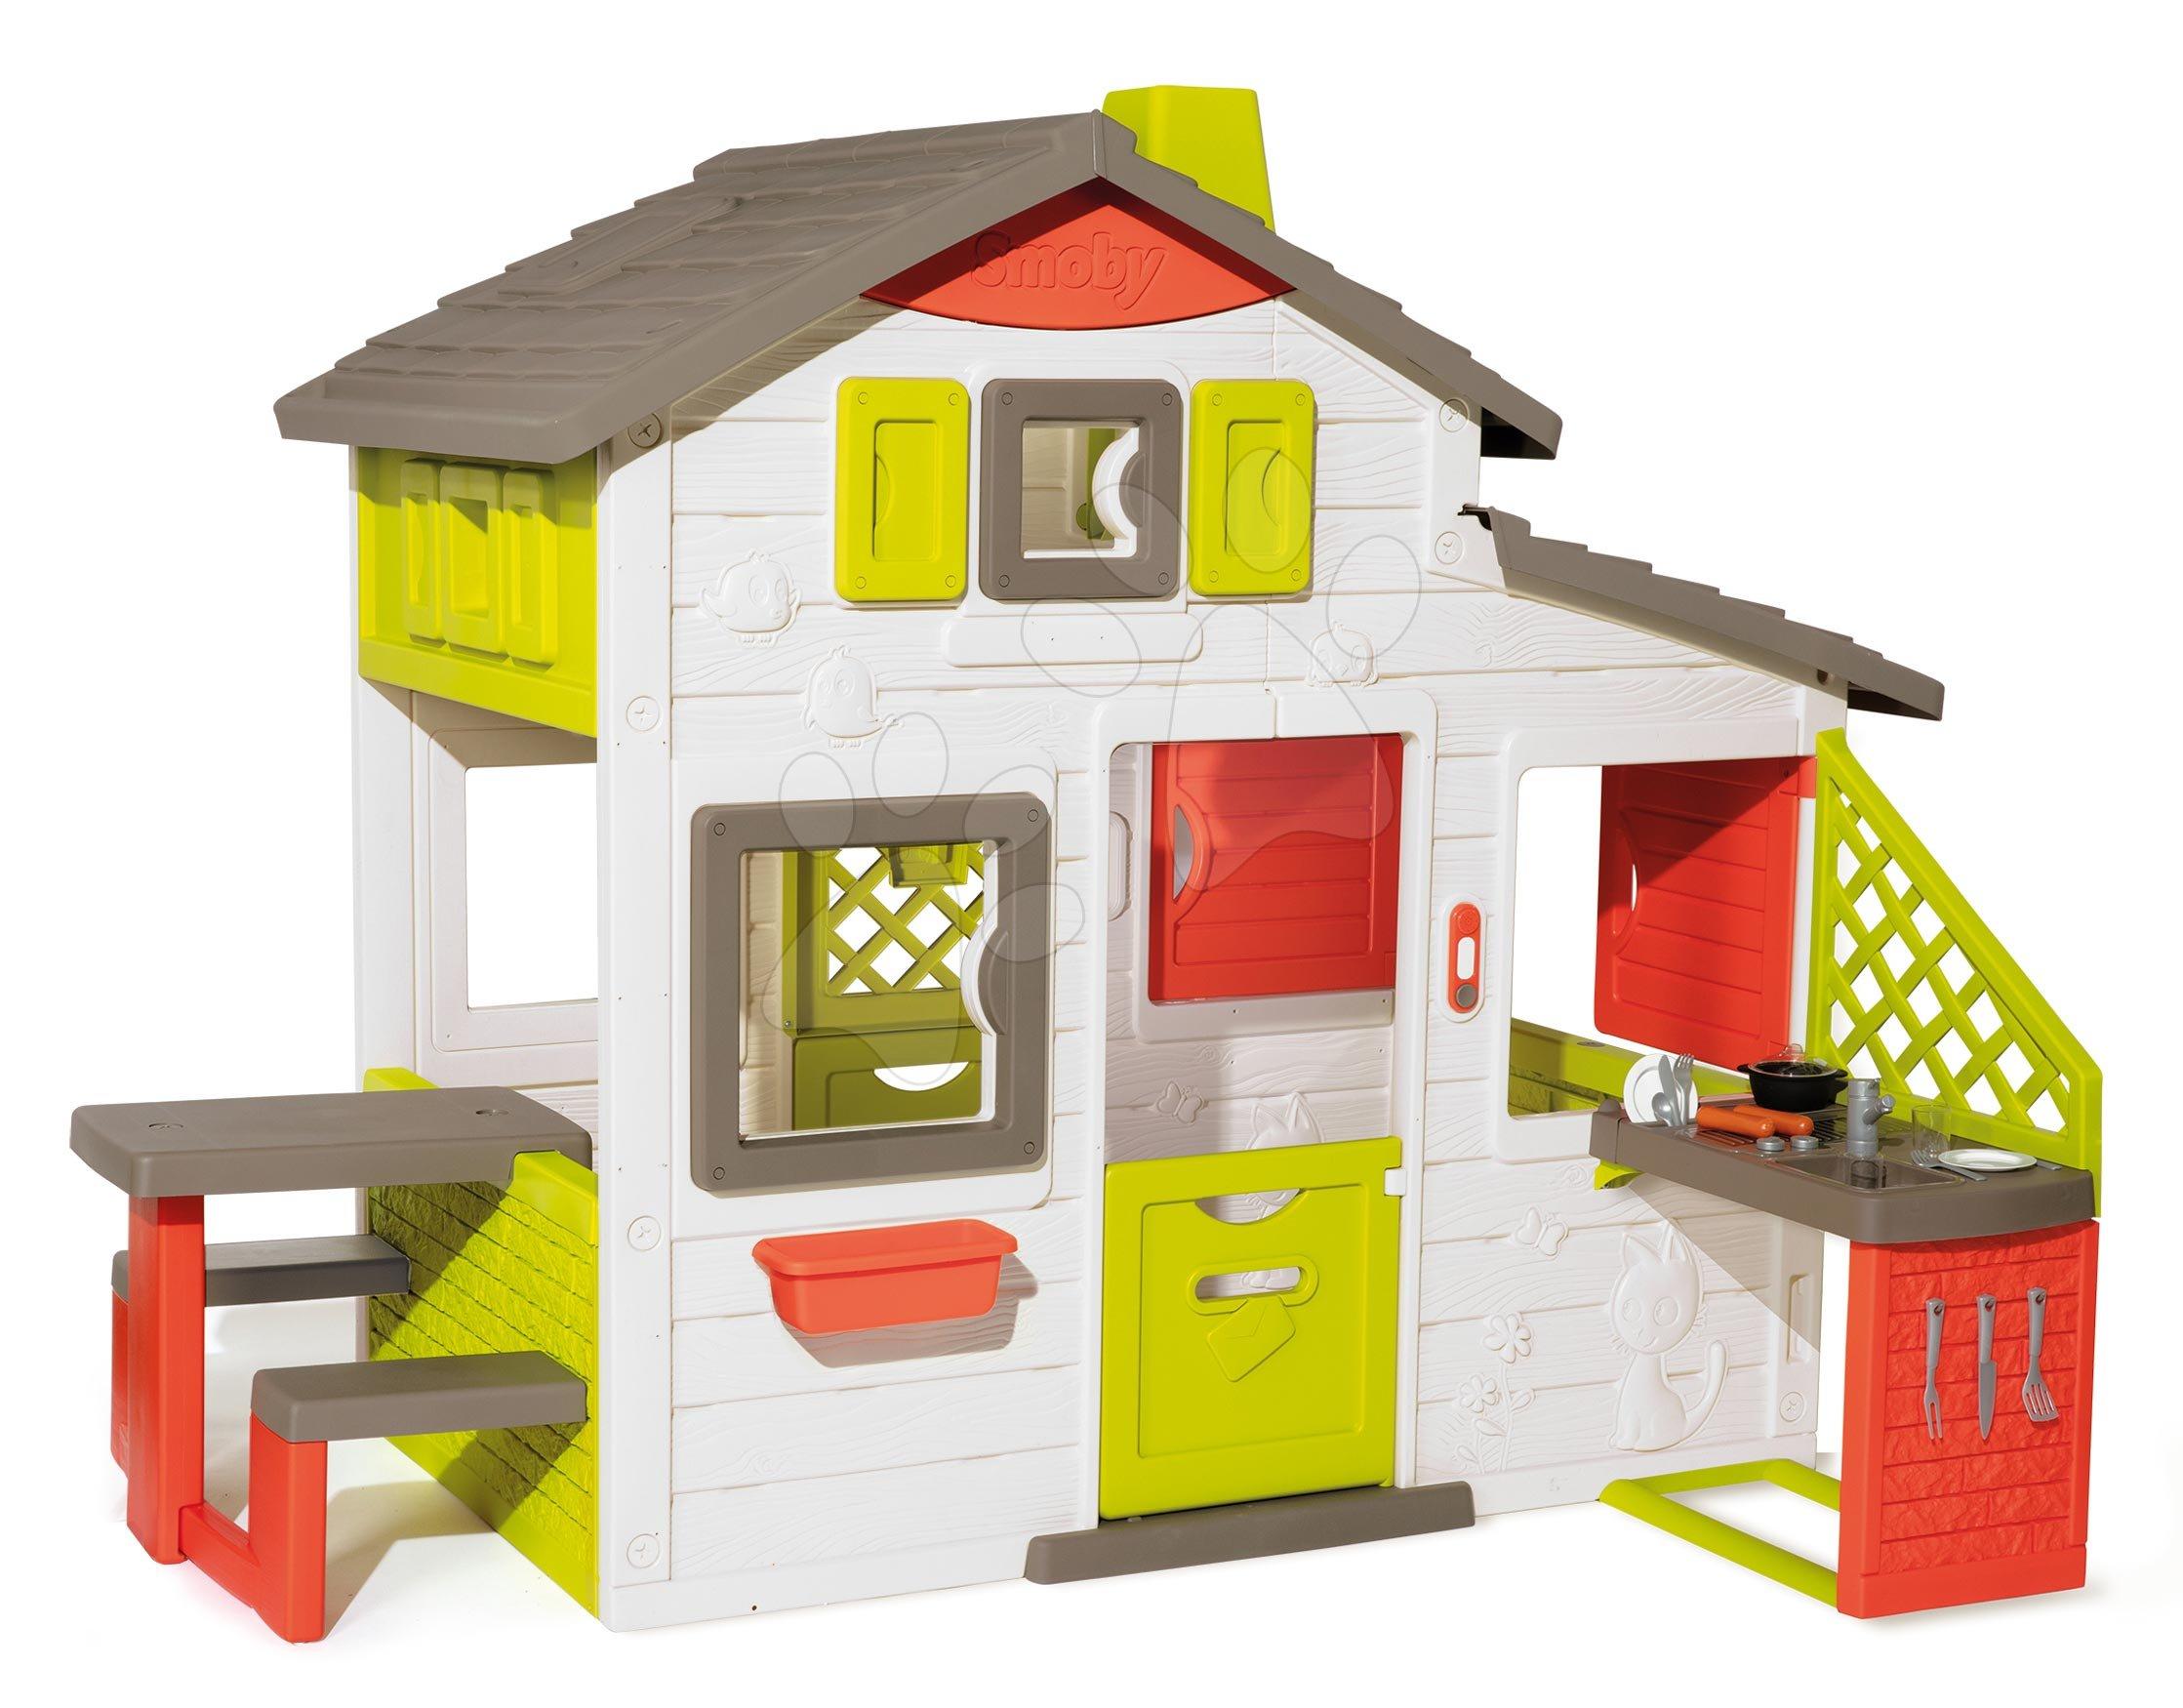 Házikó Jóbarátok konyhával tágas Neo Friends House Smoby 2 ajtó 6 ablak piknik asztal és egyéb kiegészítőkkel is bővíthető 172 cm magas UV szűrővel